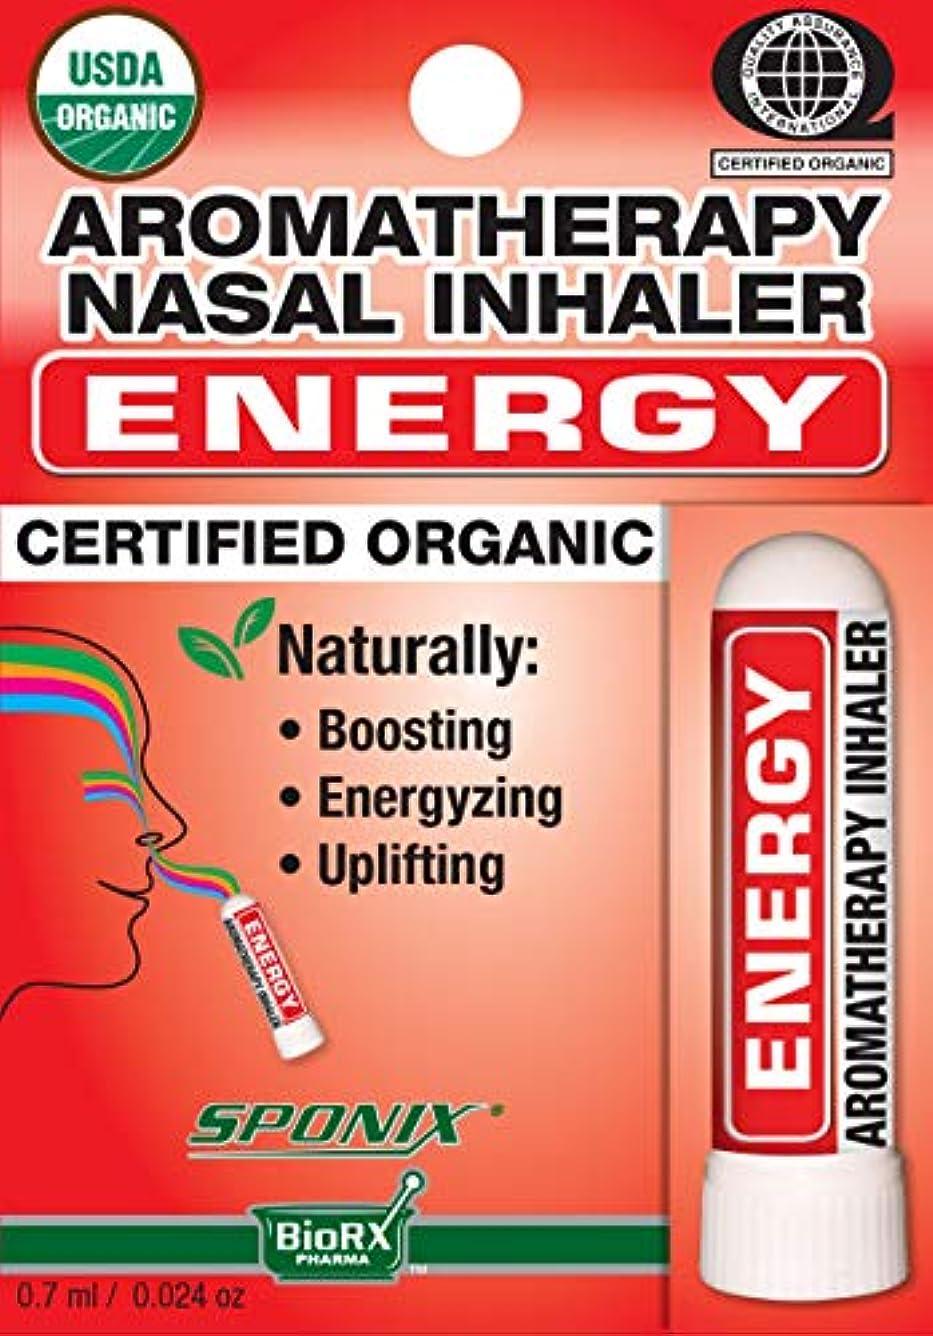 人口恒久的不幸Sponixアロマテラピー鼻用吸入器 - エネルギー - 0.7 mL - USDAオーガニック、100%純粋な天然精油から作られた